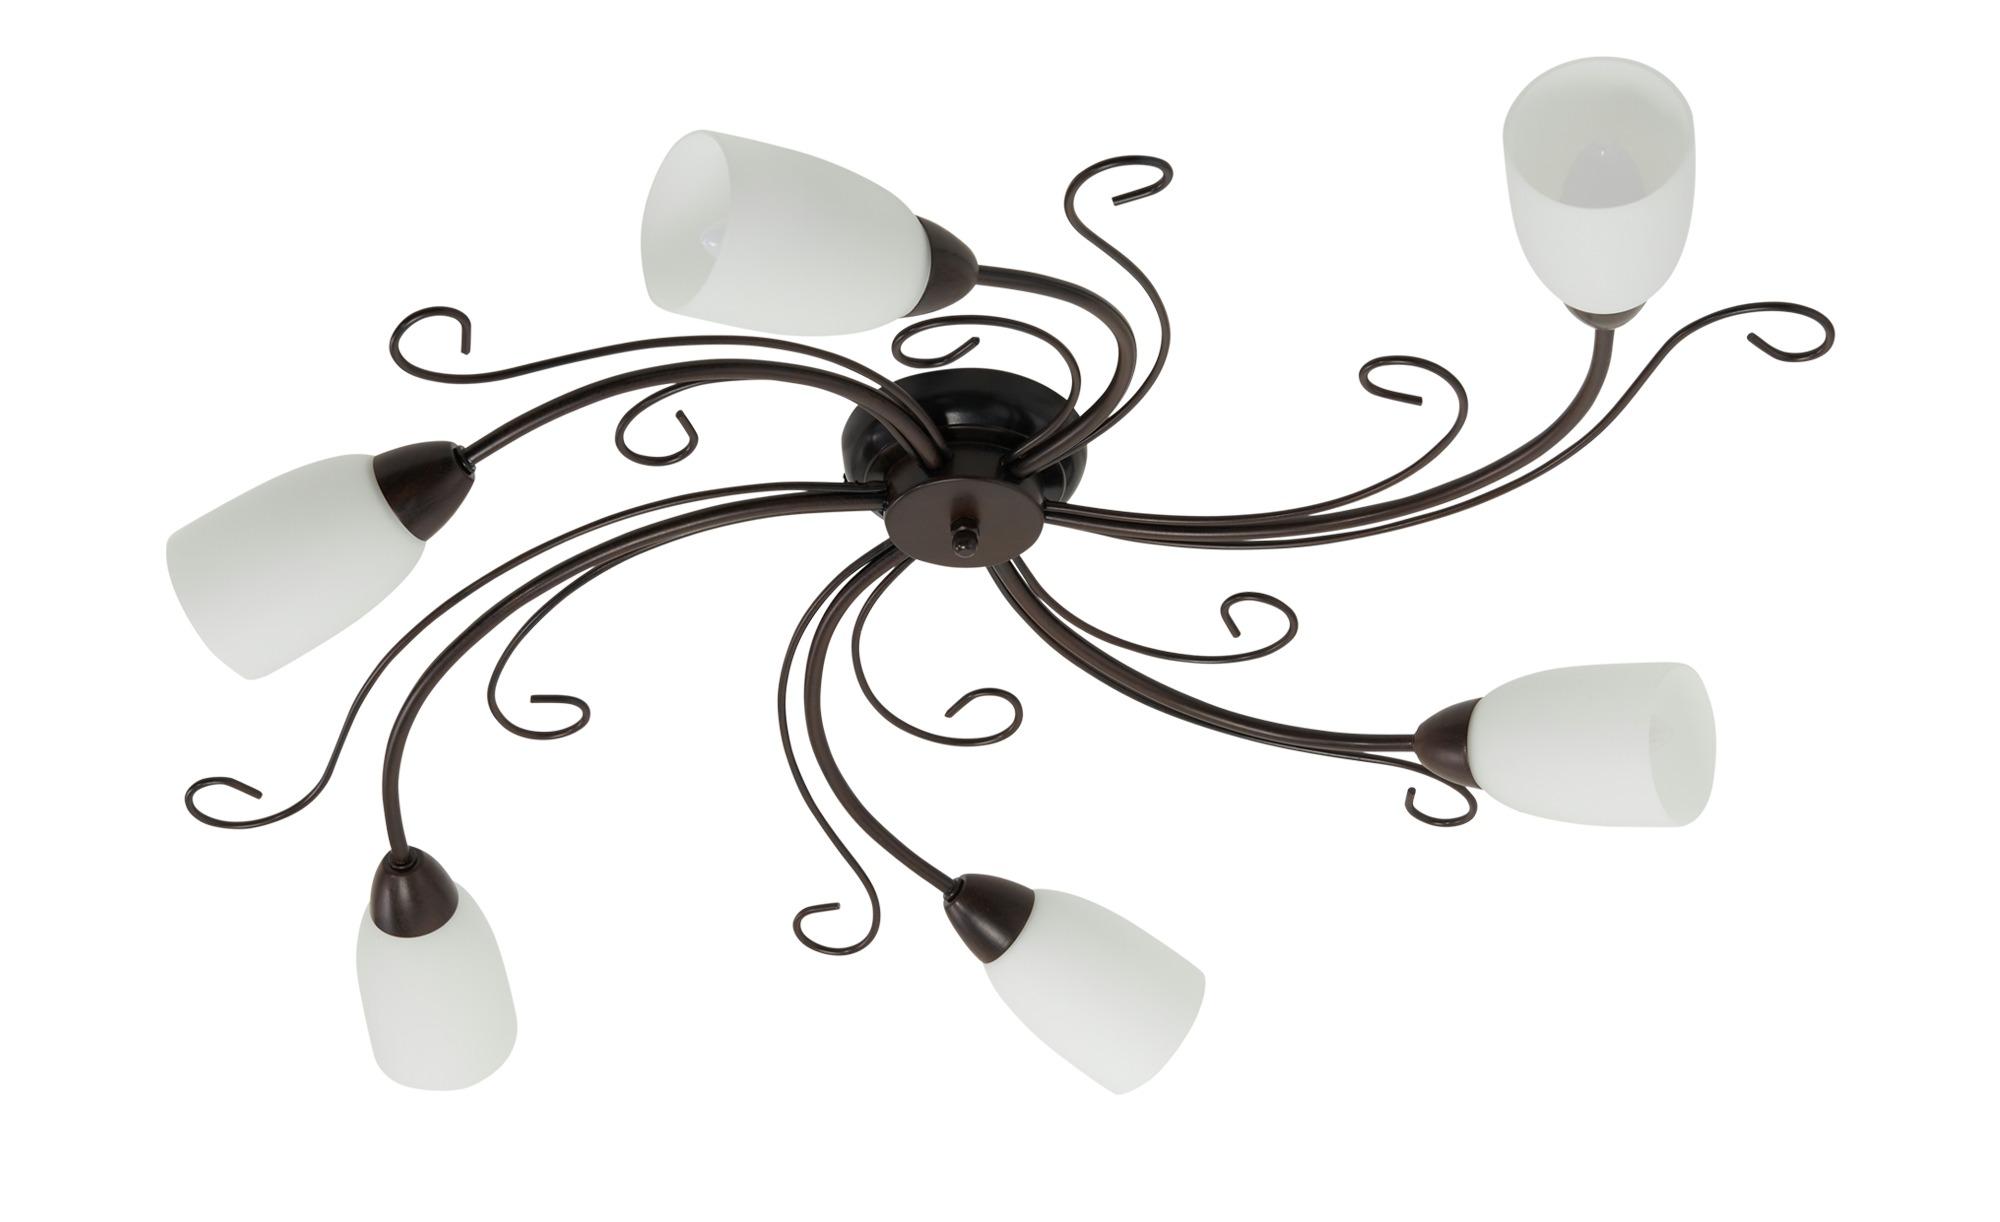 Deckenleuchte, 6-flammig, schwarz/rostfarben ¦ schwarz ¦ Maße (cm): B: 65 H: 12 Lampen & Leuchten > Innenleuchten > Deckenleuchten - Höffner